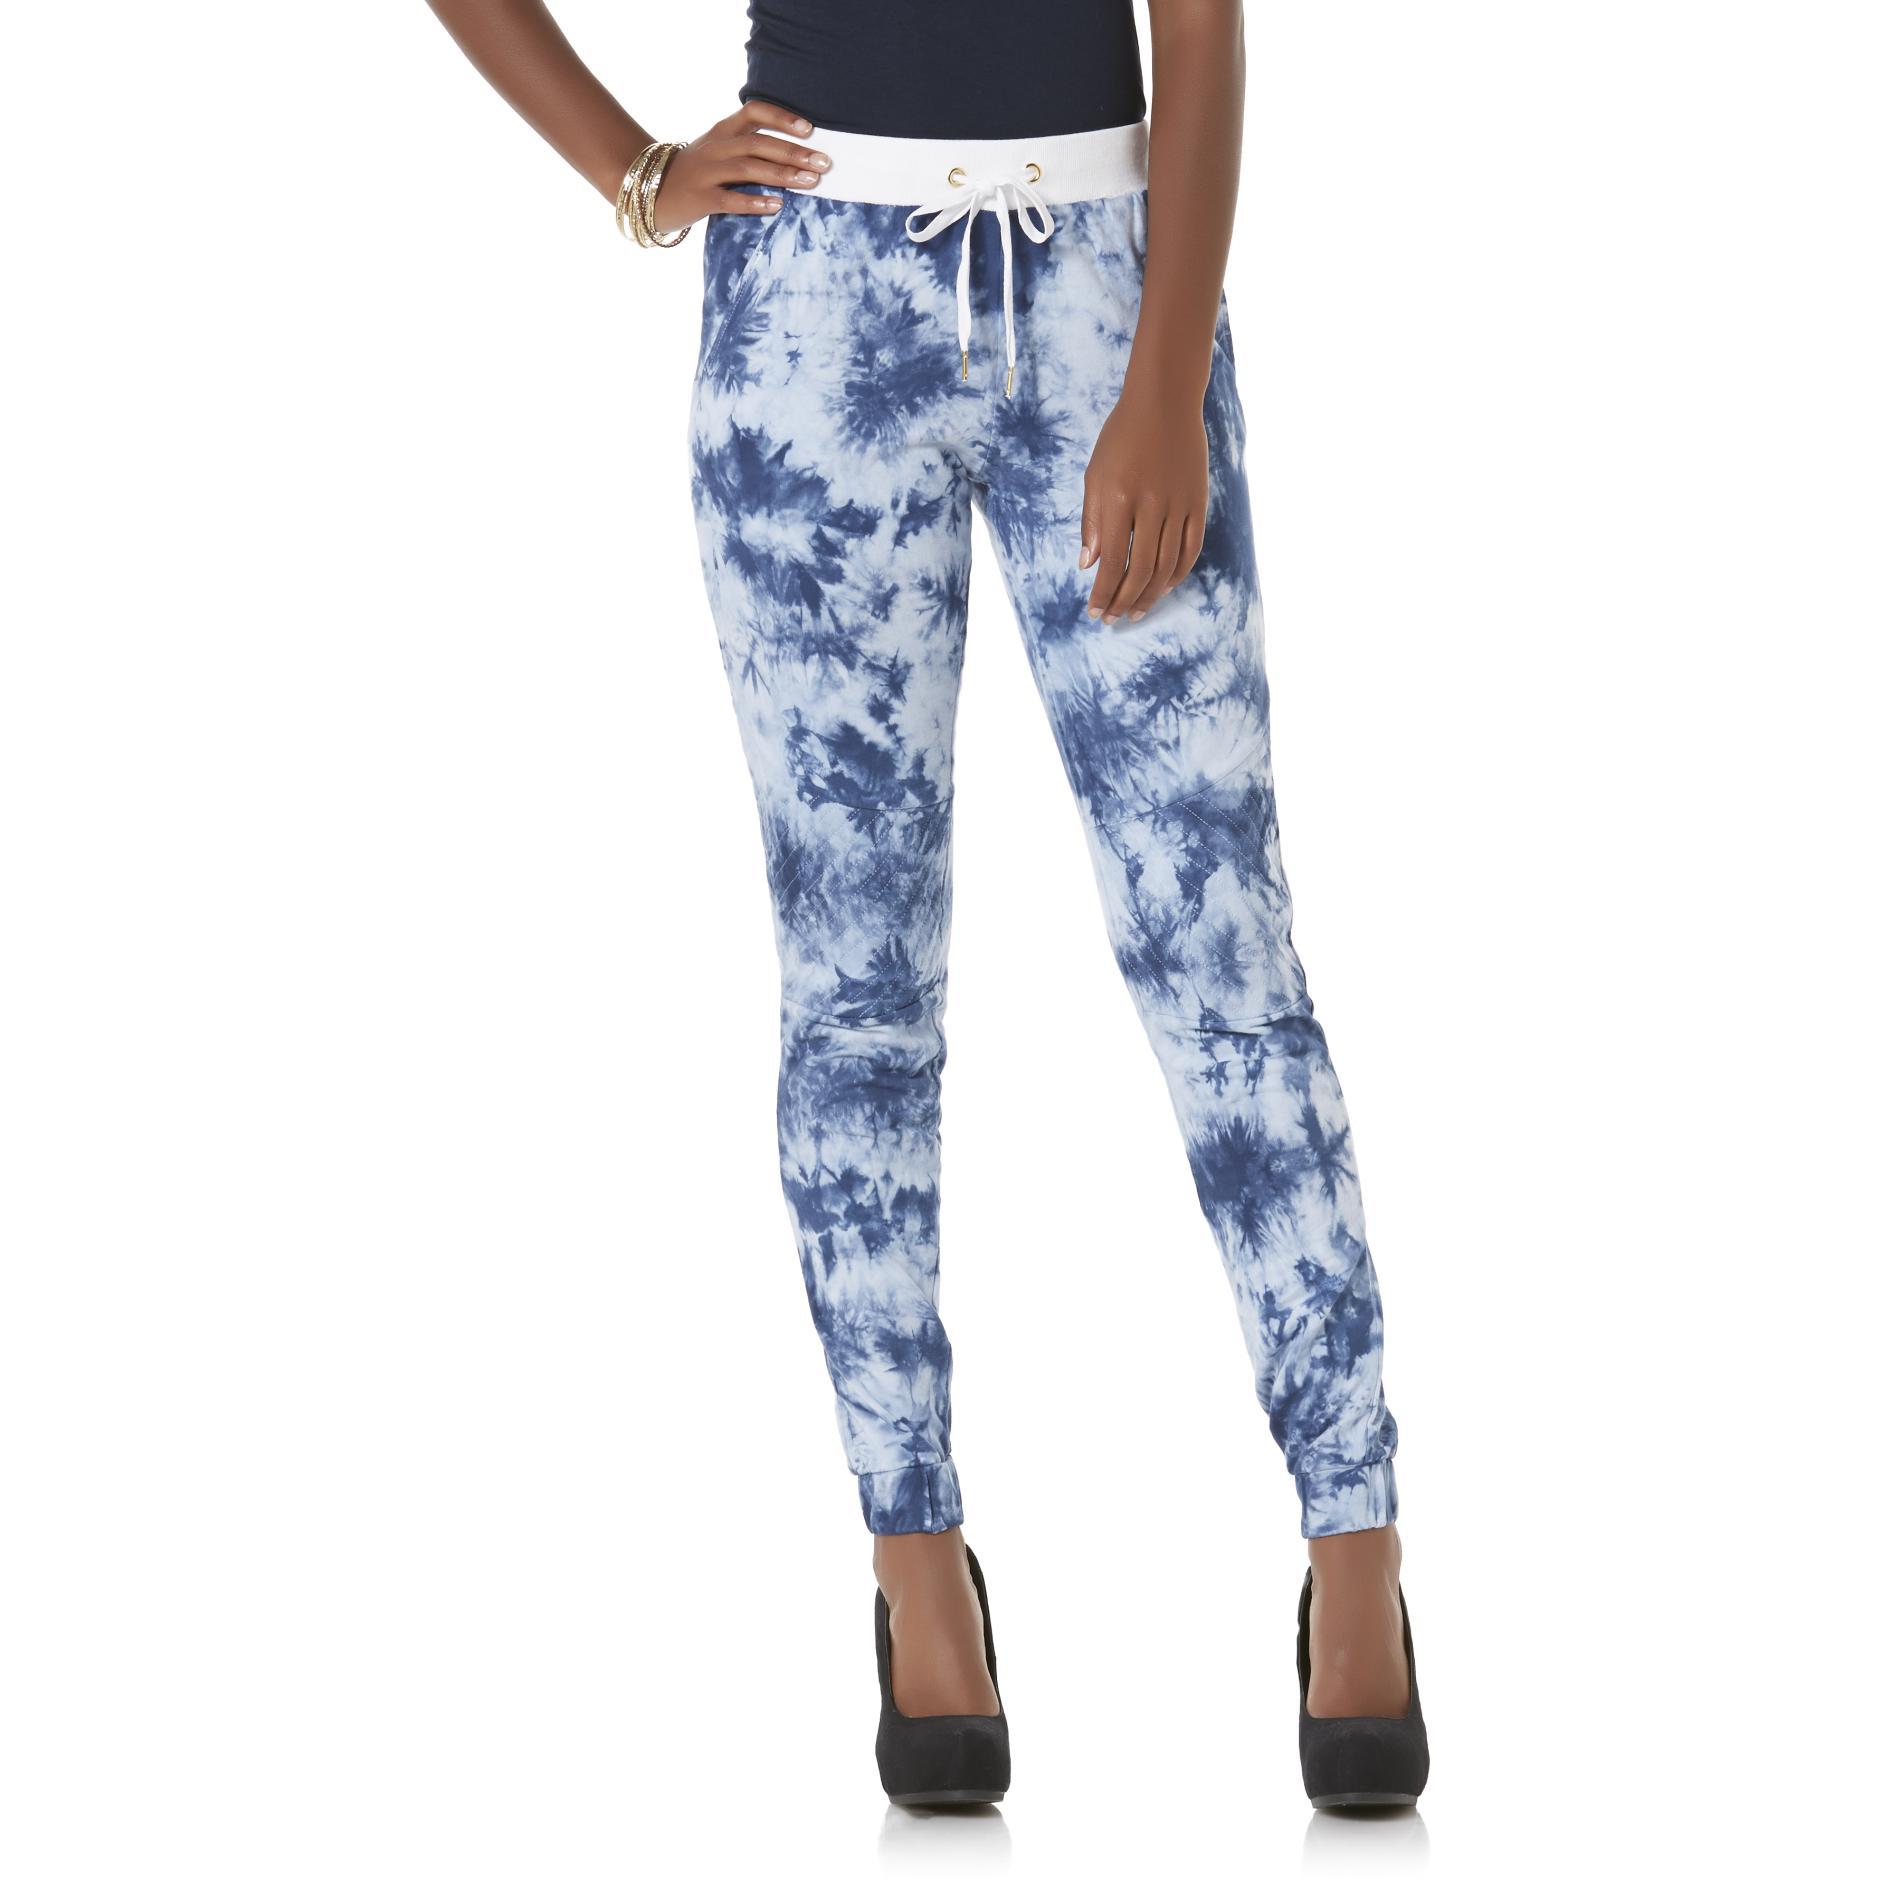 Nicki Minaj Women's Jogger Pants - Tie Dye